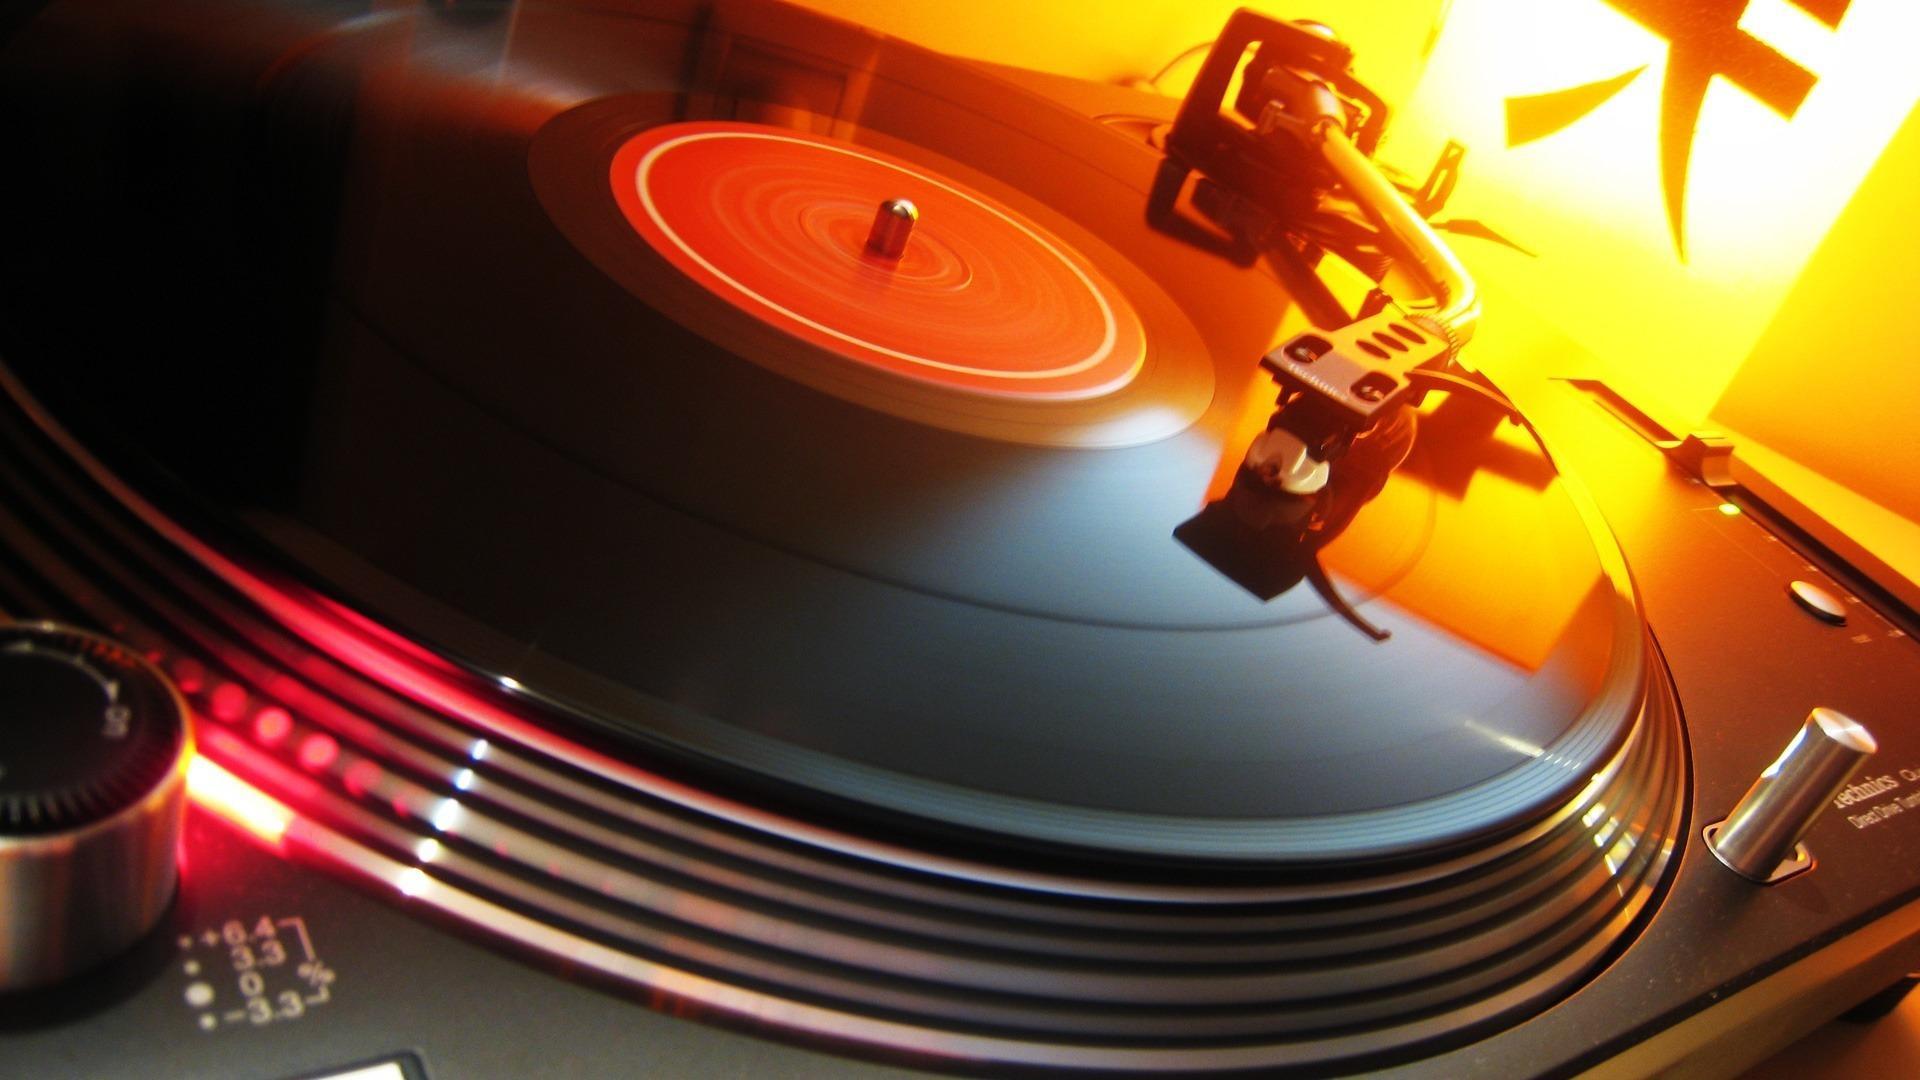 Музыка стиль обои для рабочего стола